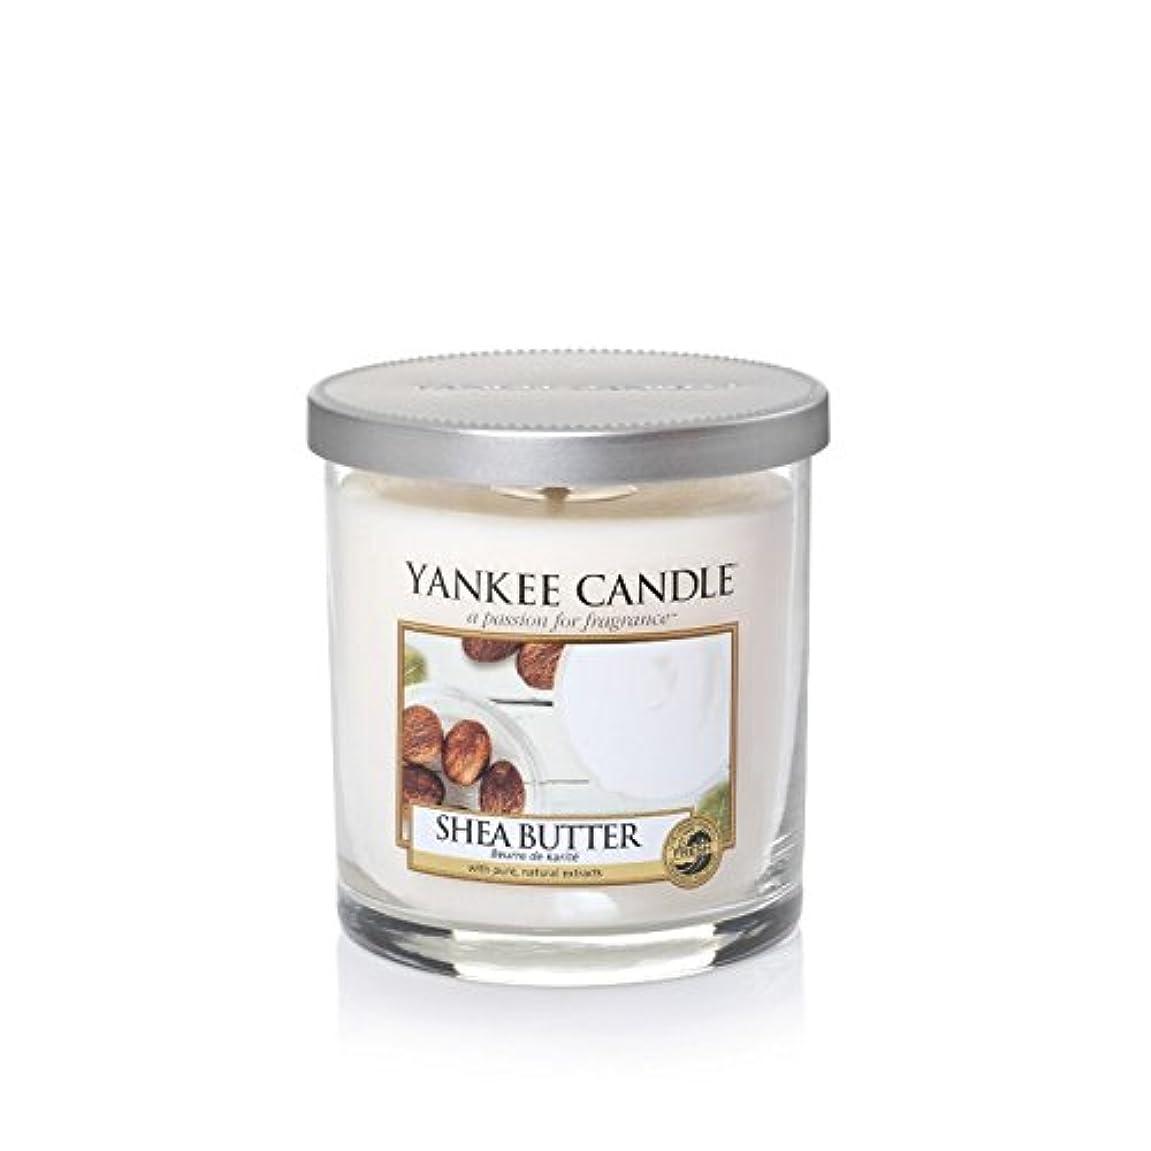 社会リダクターギャロップYankee Candles Small Pillar Candle - Shea Butter (Pack of 2) - ヤンキーキャンドルの小さな柱キャンドル - シアバター (x2) [並行輸入品]